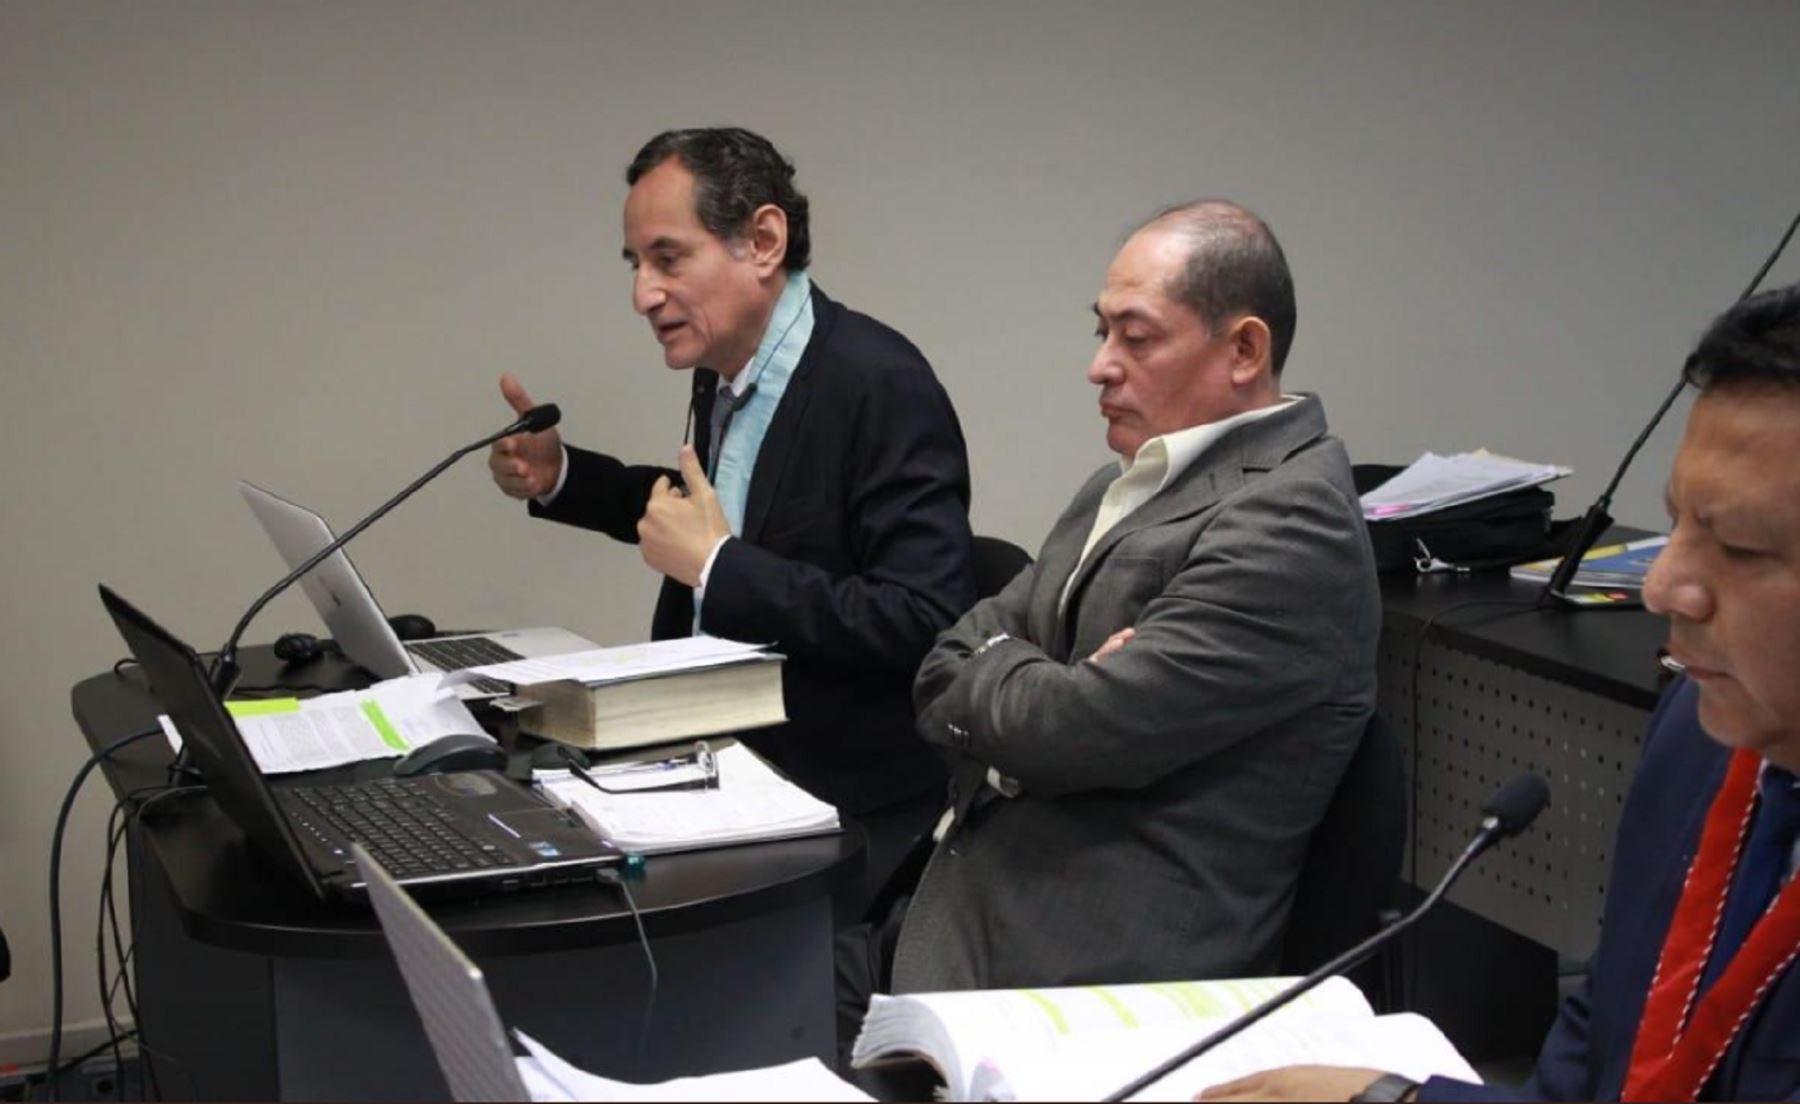 PJ evalúa apelación a condena contra exfuncionario de gestión de Villarán por peajes